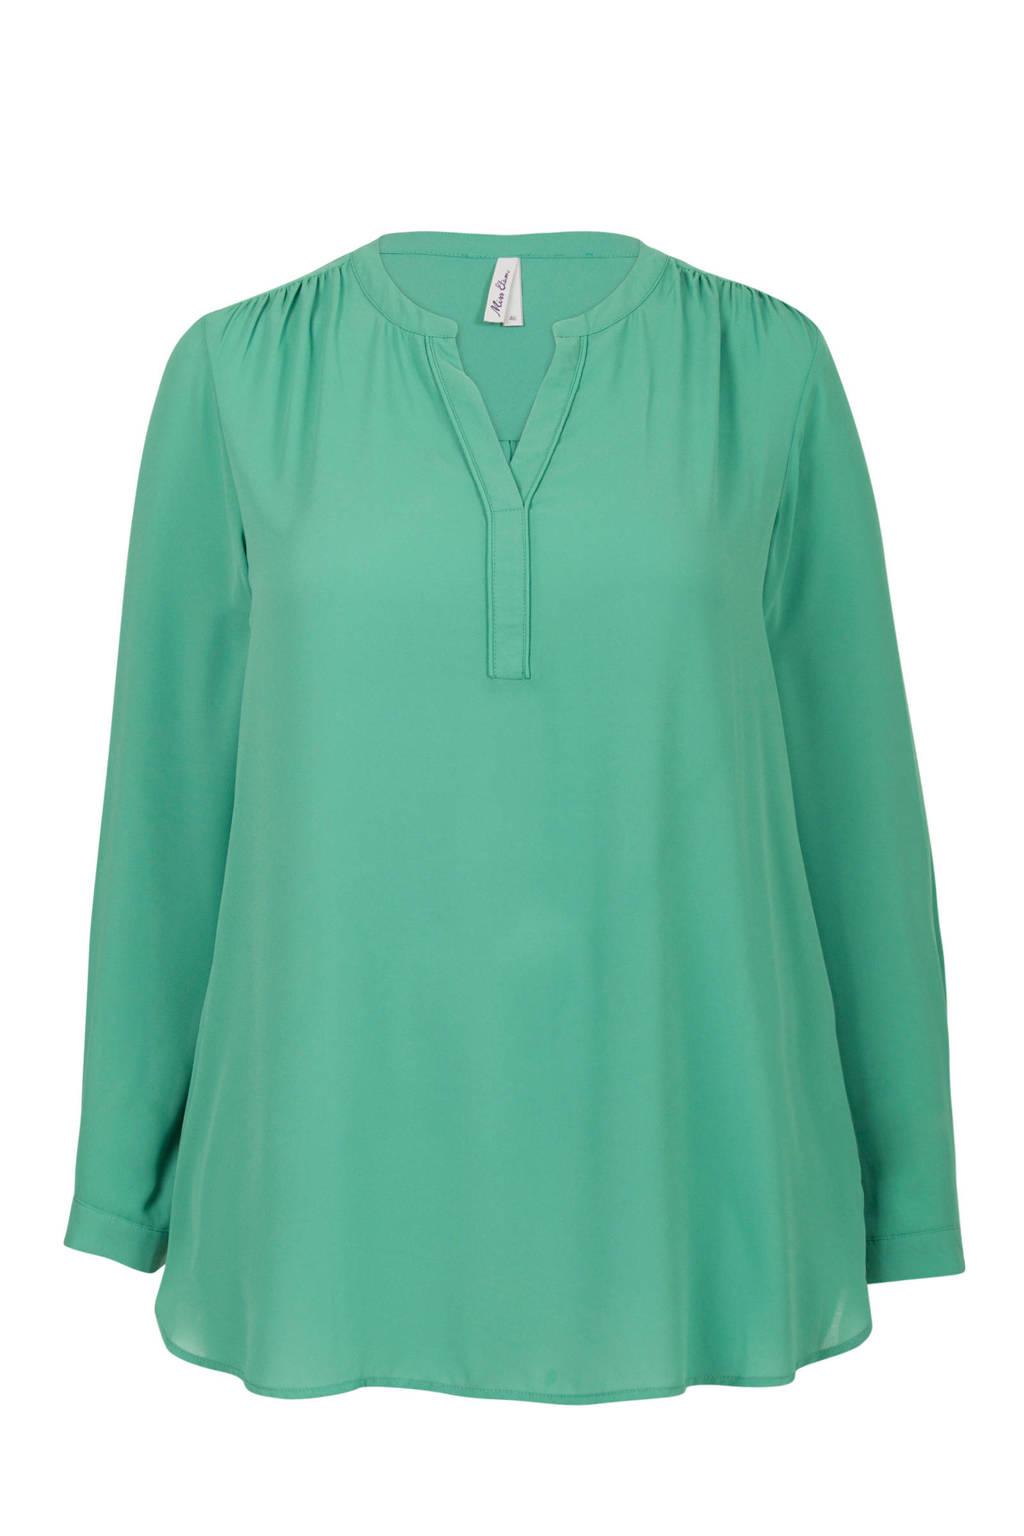 Miss Etam Plus top groen, Groen